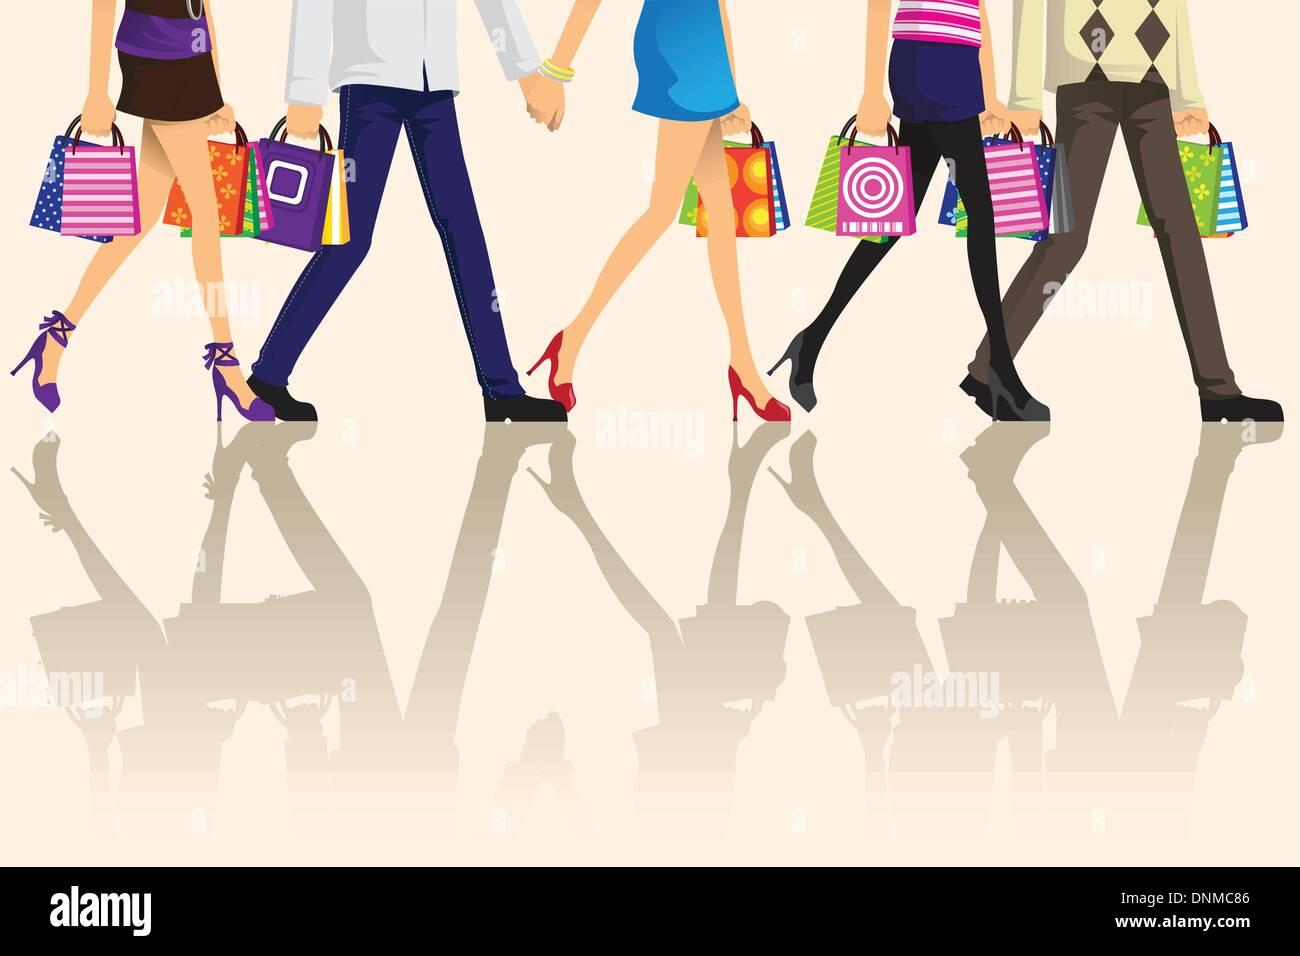 Una ilustración vectorial de compras la gente llevando bolsas de la compra. Ilustración del Vector